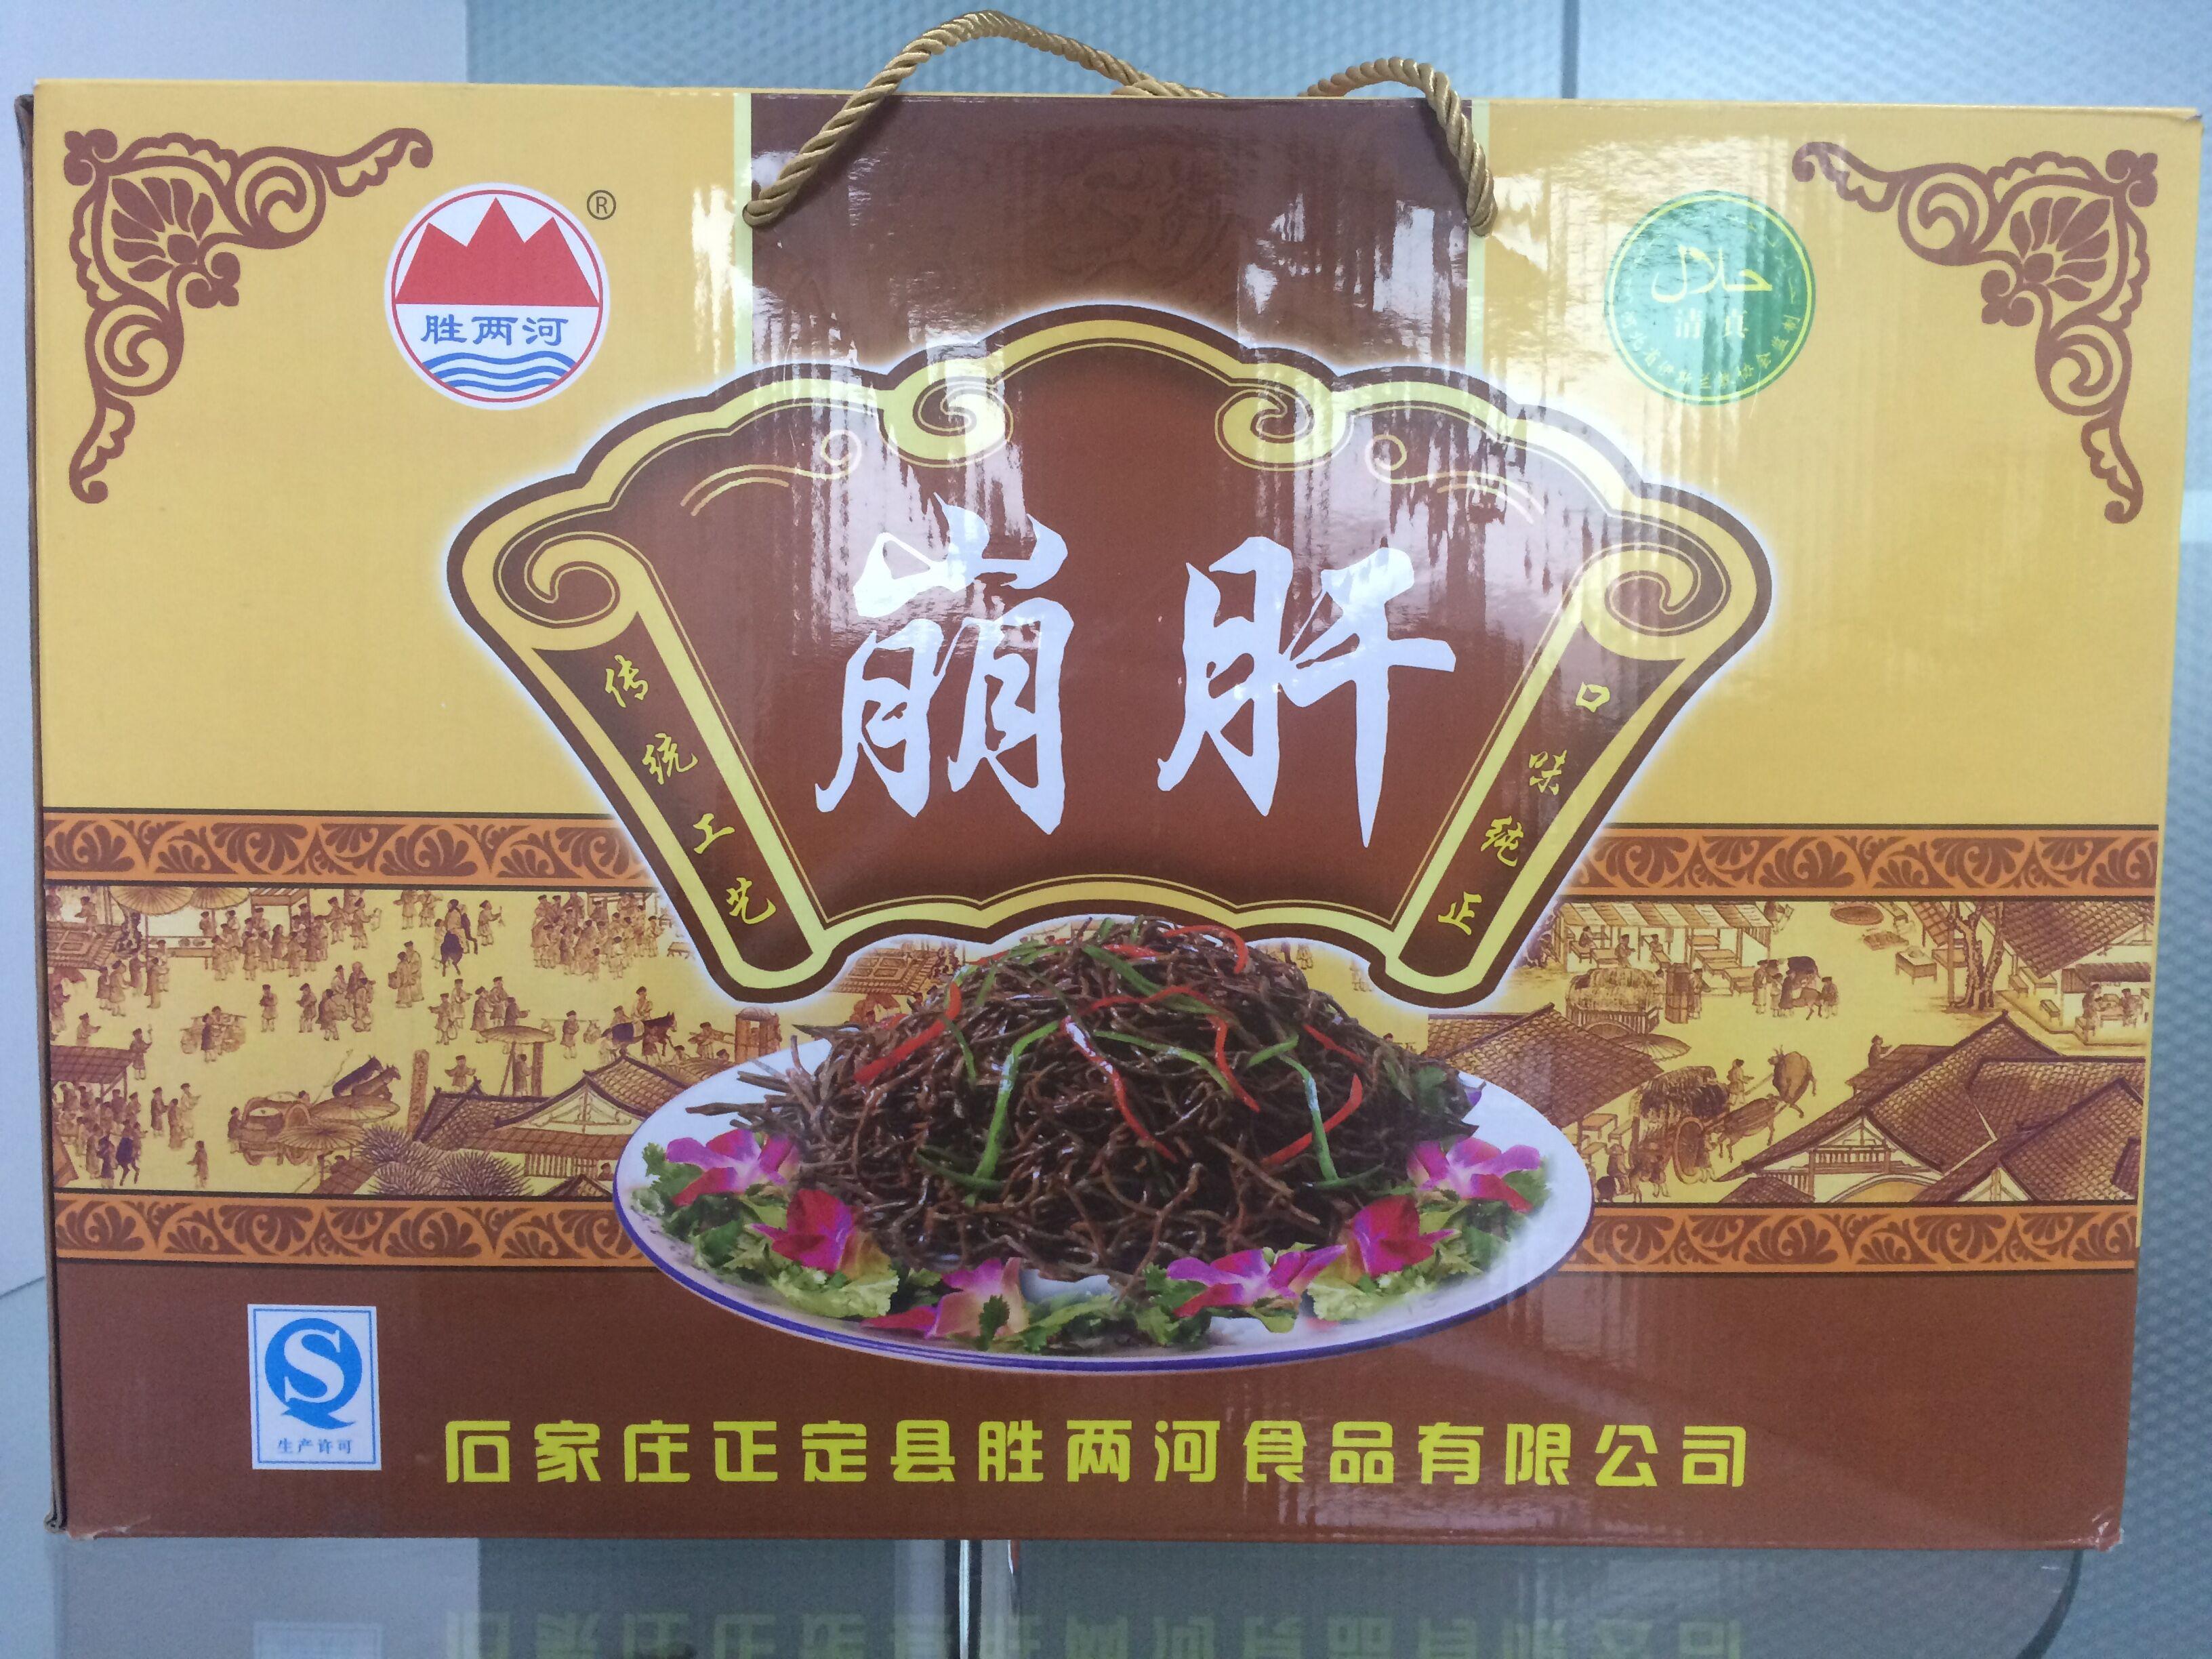 感谢石家庄的王康同学送的好吃哒!